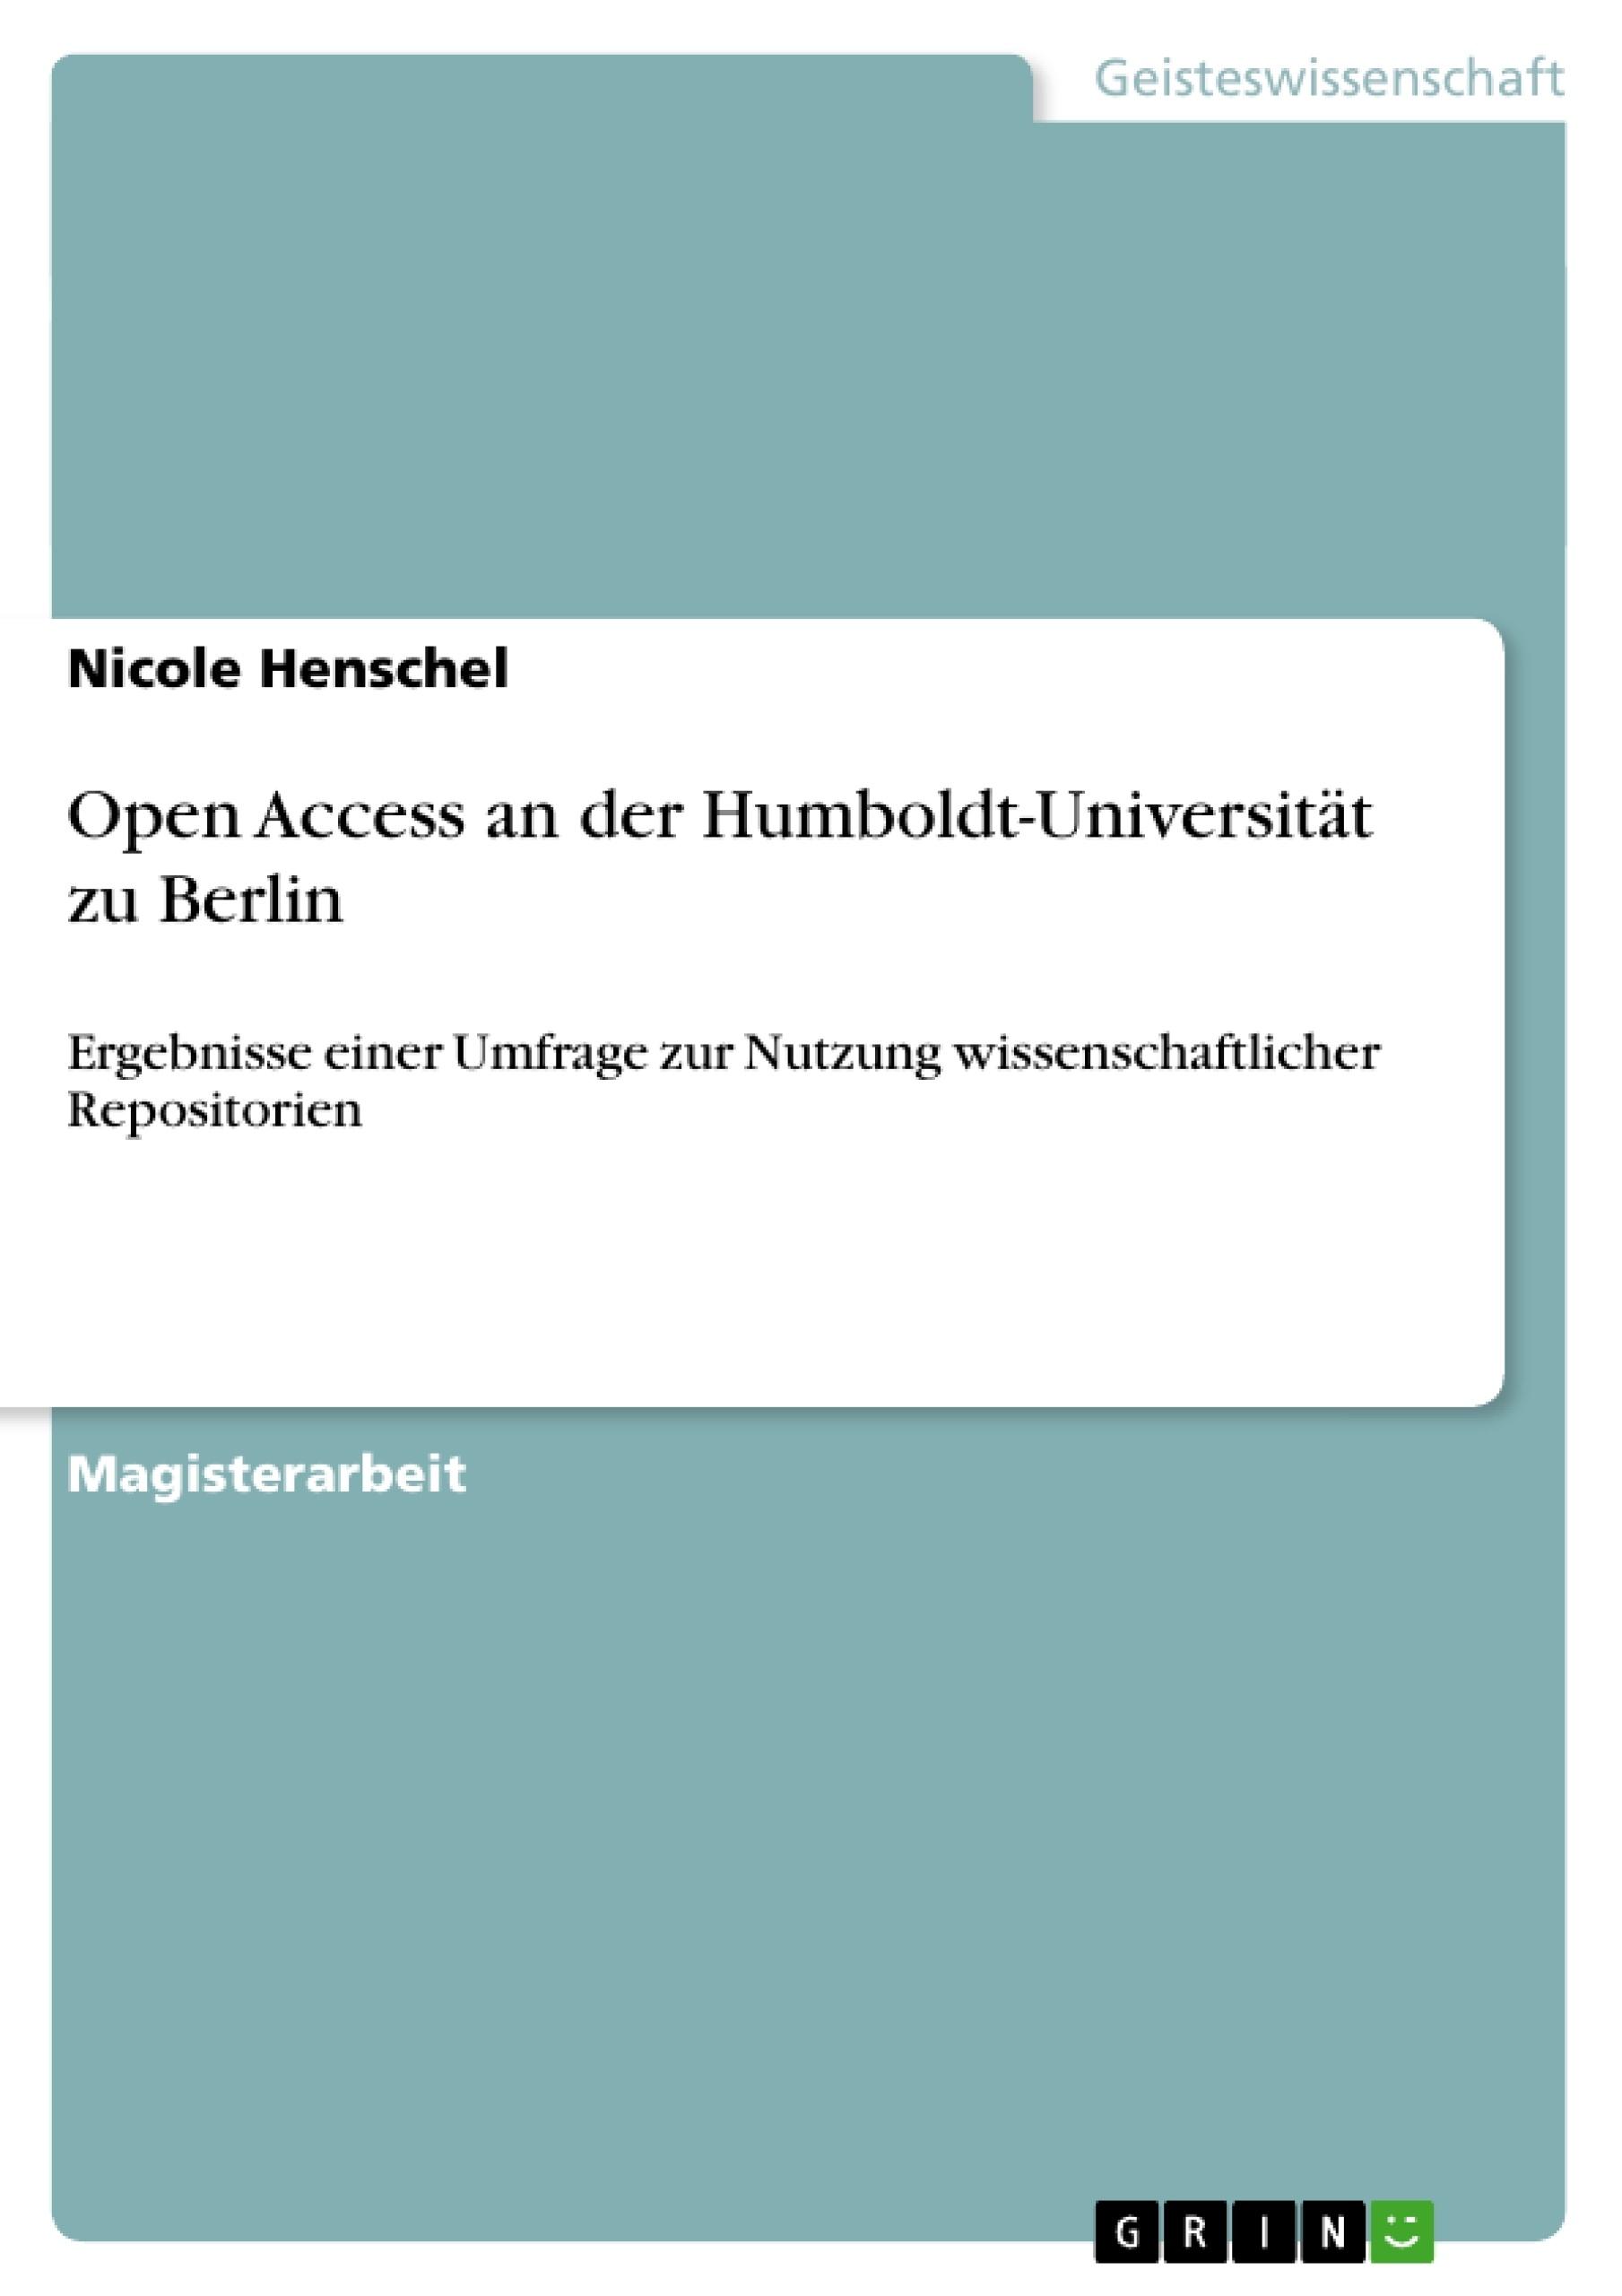 Titel: Open Access an der Humboldt-Universität zu Berlin